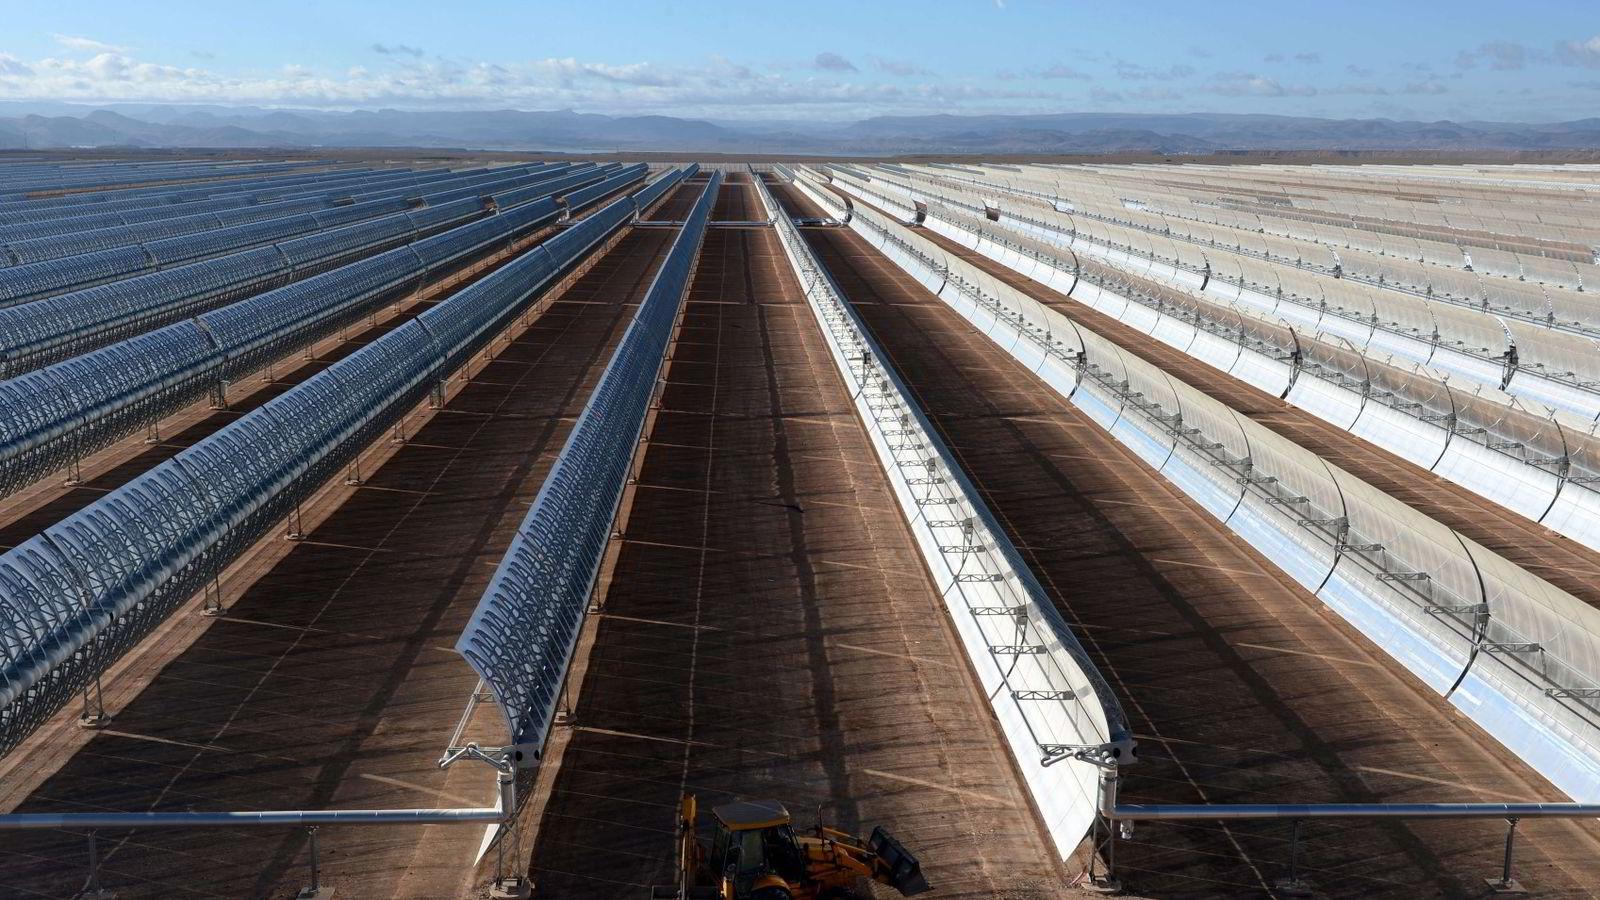 Første del av solcellekraftverket Noor 1 i Marokko skulle settes i drift søndag, men åpningen ble overraskende utsatt. Foto: Fadel Senna/AFP Photo/NTB scanpix